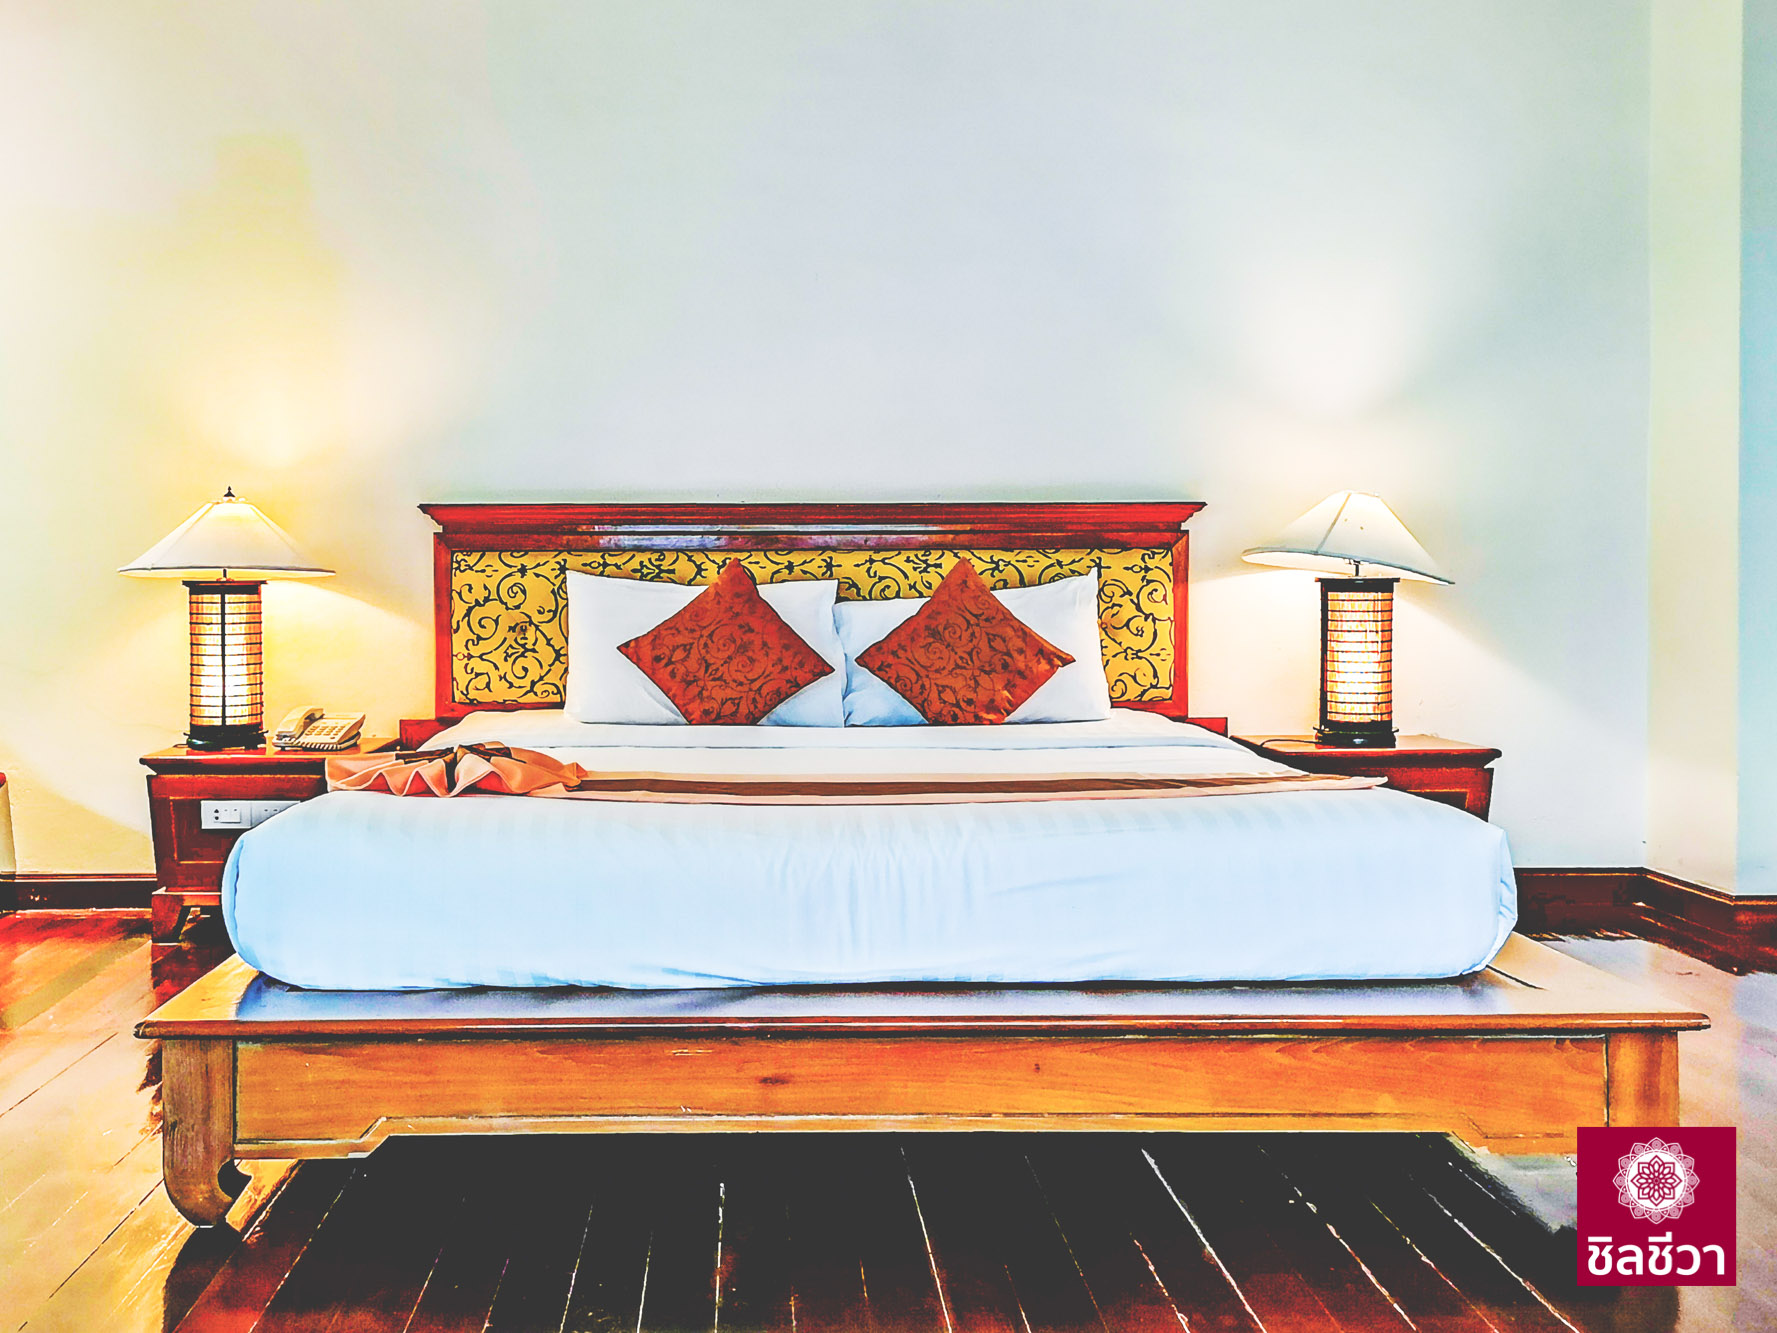 ซันไรท์ ทรอปิคอล รีสอร์ท (Sunrise Tropical Resort) ไร่เลย์ กระบี่  ซันไรท์ ทรอปิคอล รีสอร์ท รีสอร์ทงามๆ บนเกาะไร่เลย์ กระบี่ IMG 20181011 164532